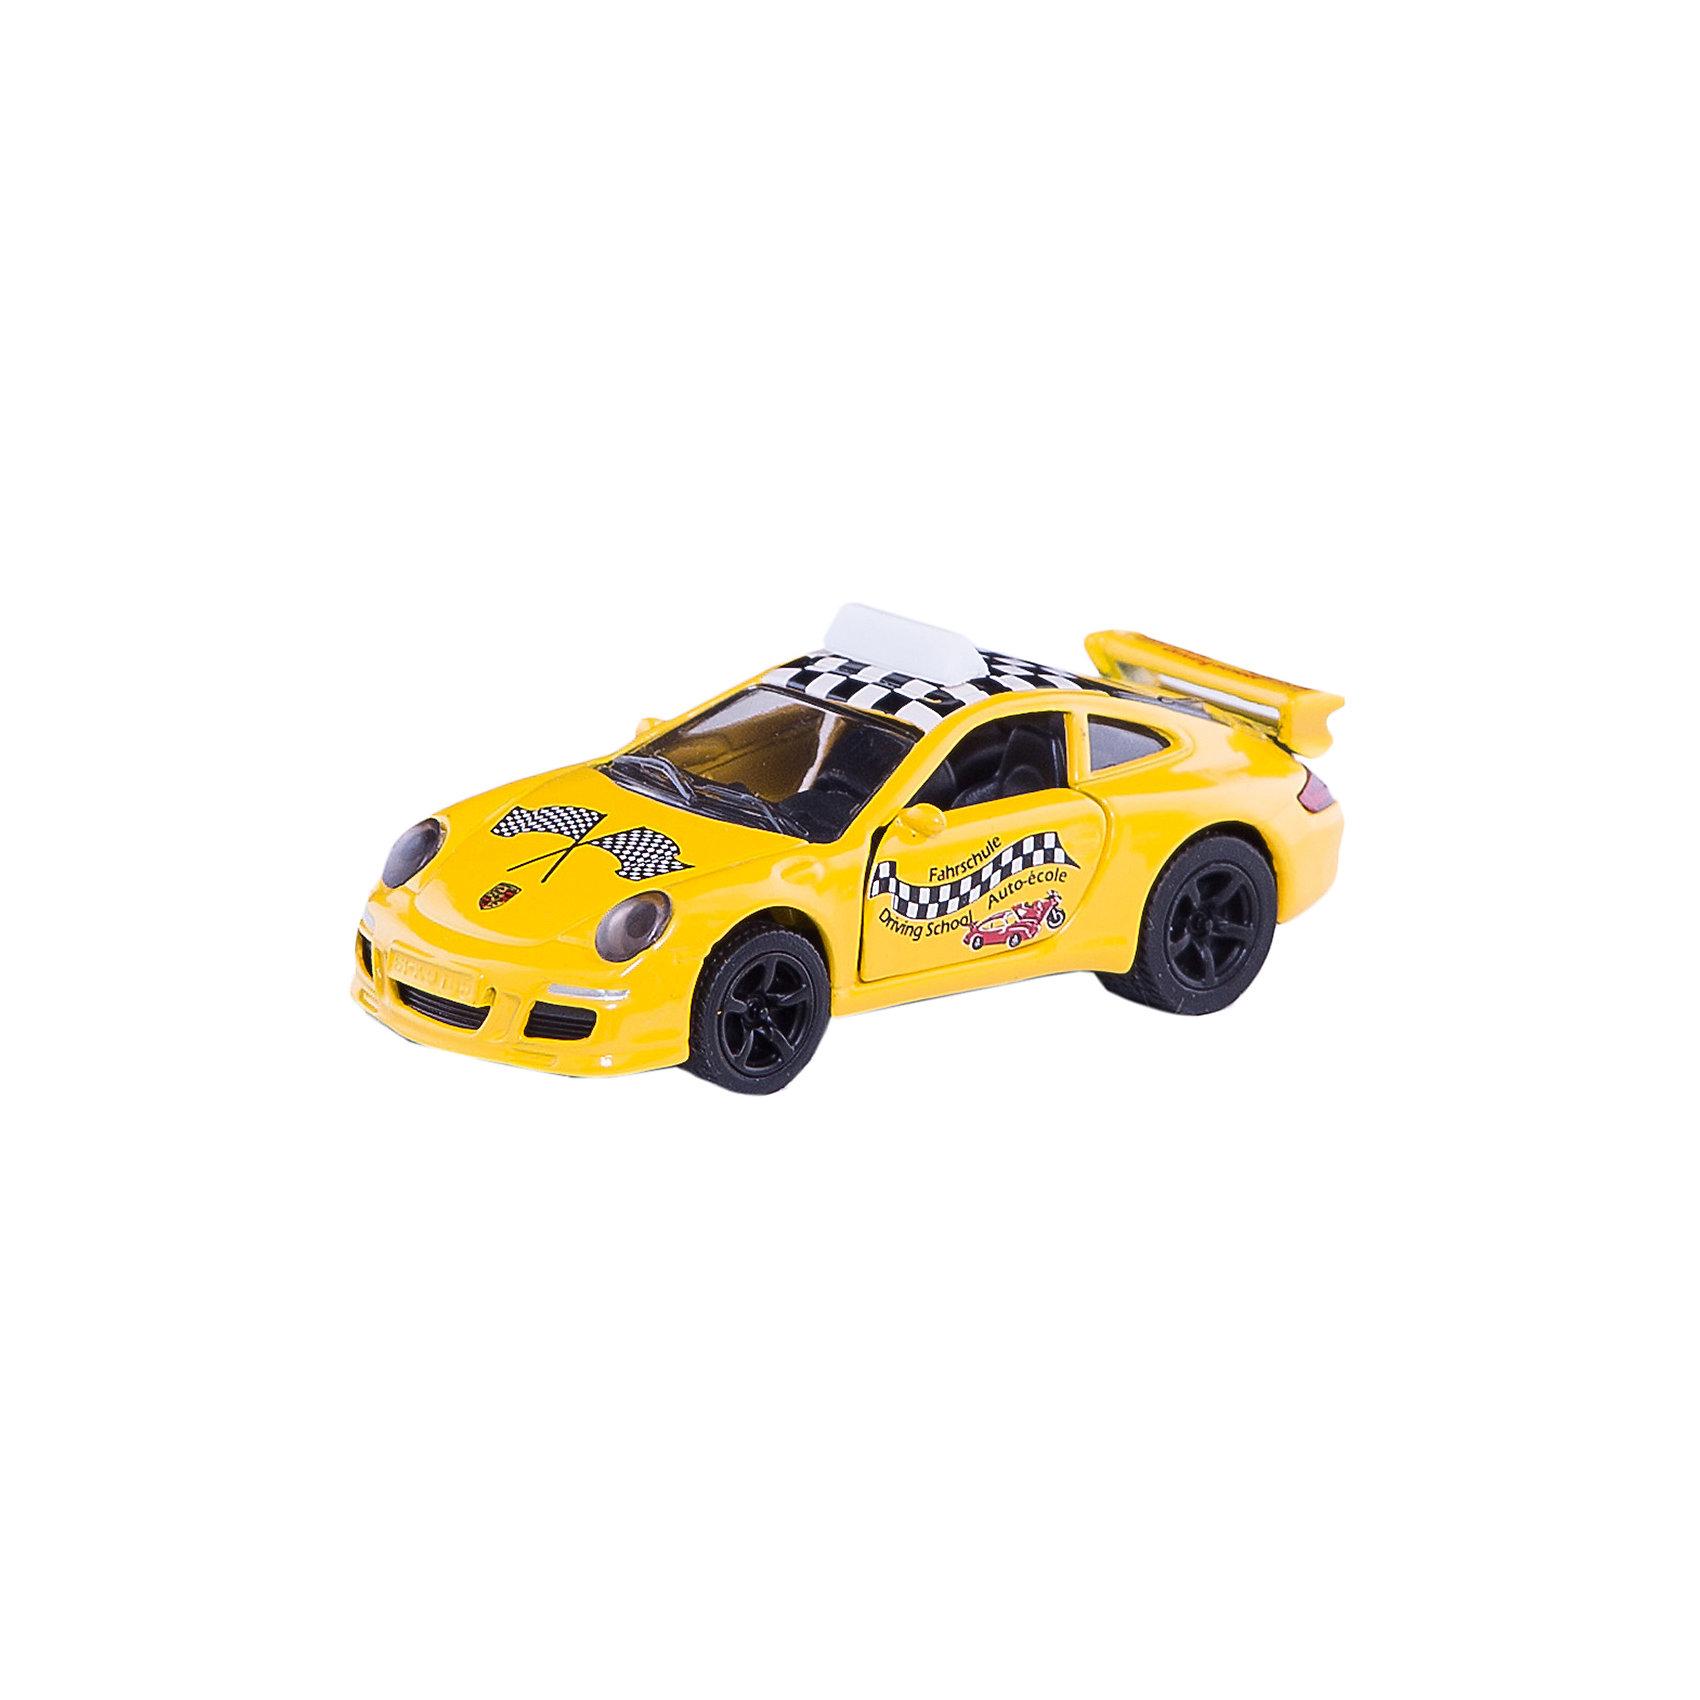 Порше 911 Автошкола, SIKUКоллекционные модели<br>Автомобиль мечты для практических занятий в автошколе марки Porsche 911. Тренировочная машина оснащена задним спойлером, мощными спортивными колесными дисками с широкими шинами для лучшего сцепления с дорогой.<br><br>Дополнительная информация:<br><br>Размеры: 7,9 x 3,4 x 2,8 см<br><br>Порше 911 (Porsche) Автошкола 1457 можно купить в нашем магазине.<br><br>Ширина мм: 97<br>Глубина мм: 78<br>Высота мм: 35<br>Вес г: 54<br>Возраст от месяцев: 36<br>Возраст до месяцев: 96<br>Пол: Мужской<br>Возраст: Детский<br>SKU: 2437471